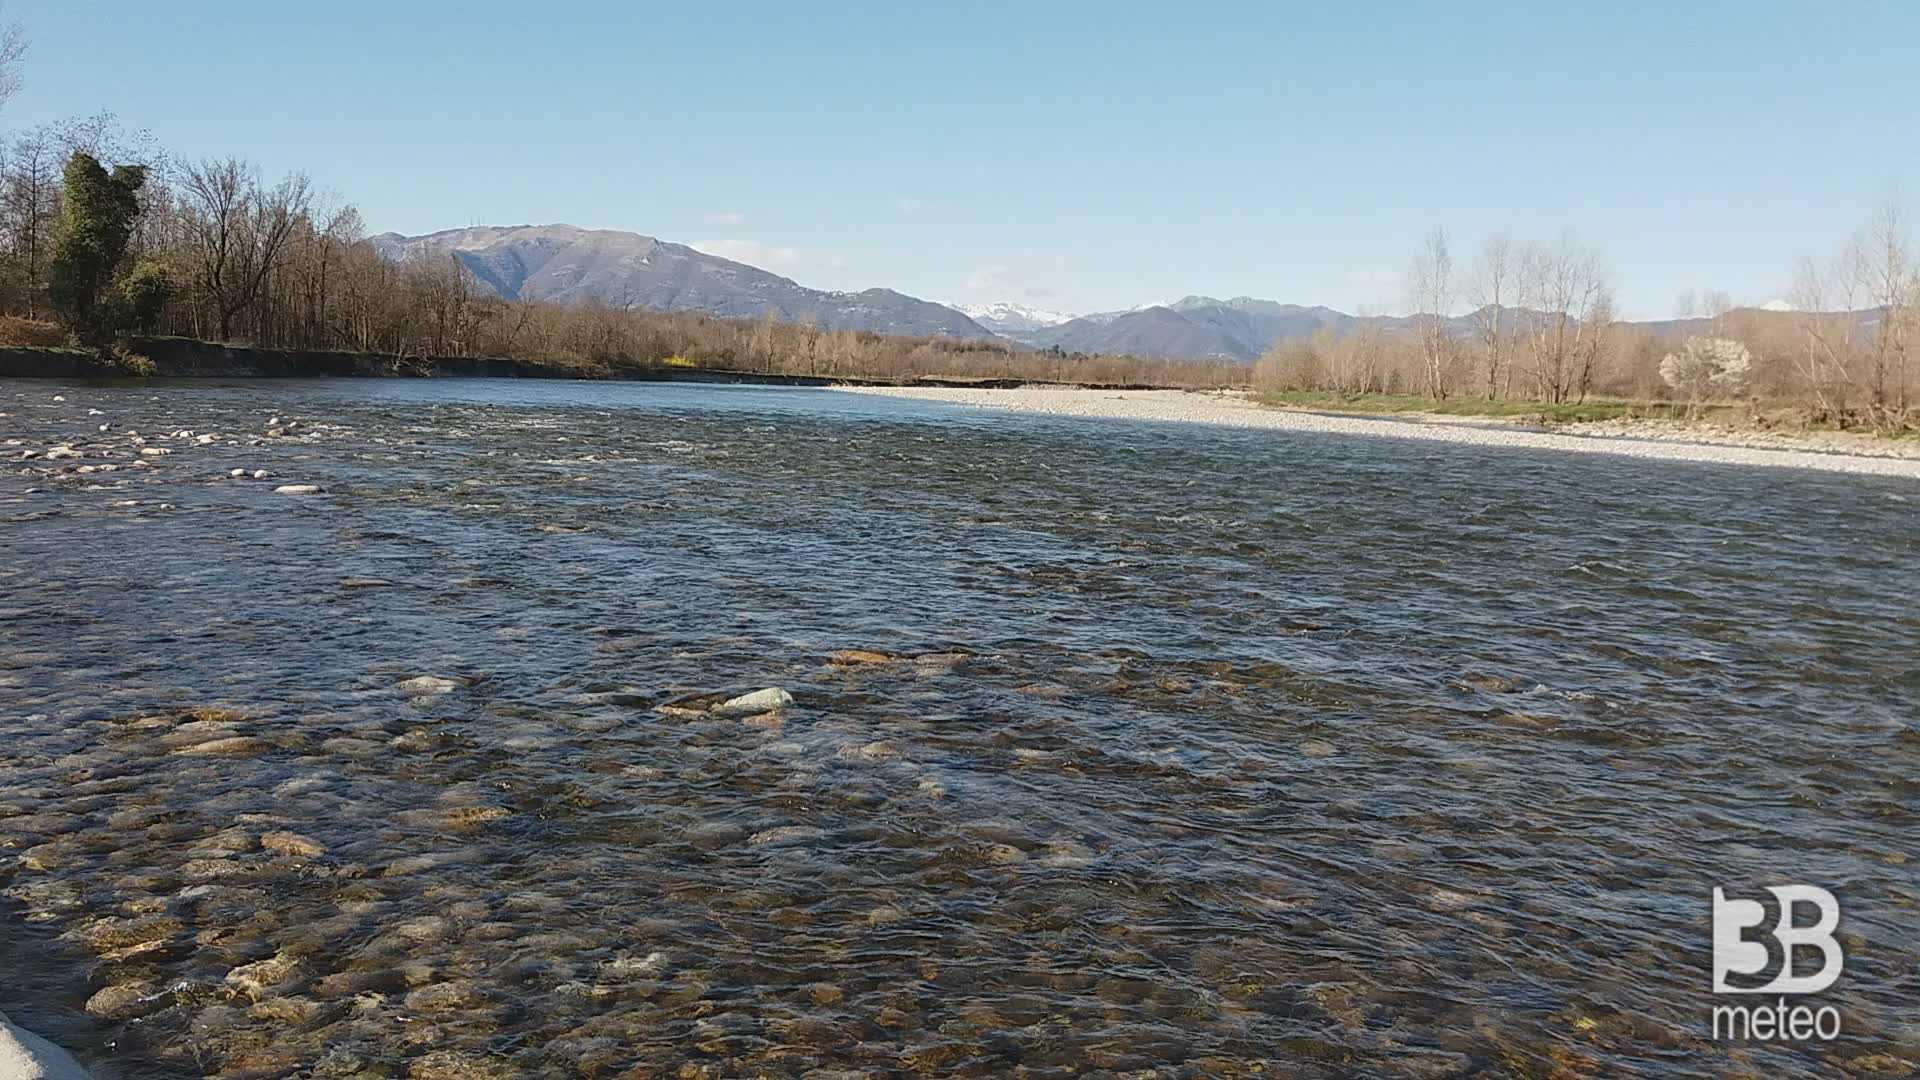 CRONACA METEO - Domenica soleggiata in Lombardia, la situazione sul Brembo - VIDEO